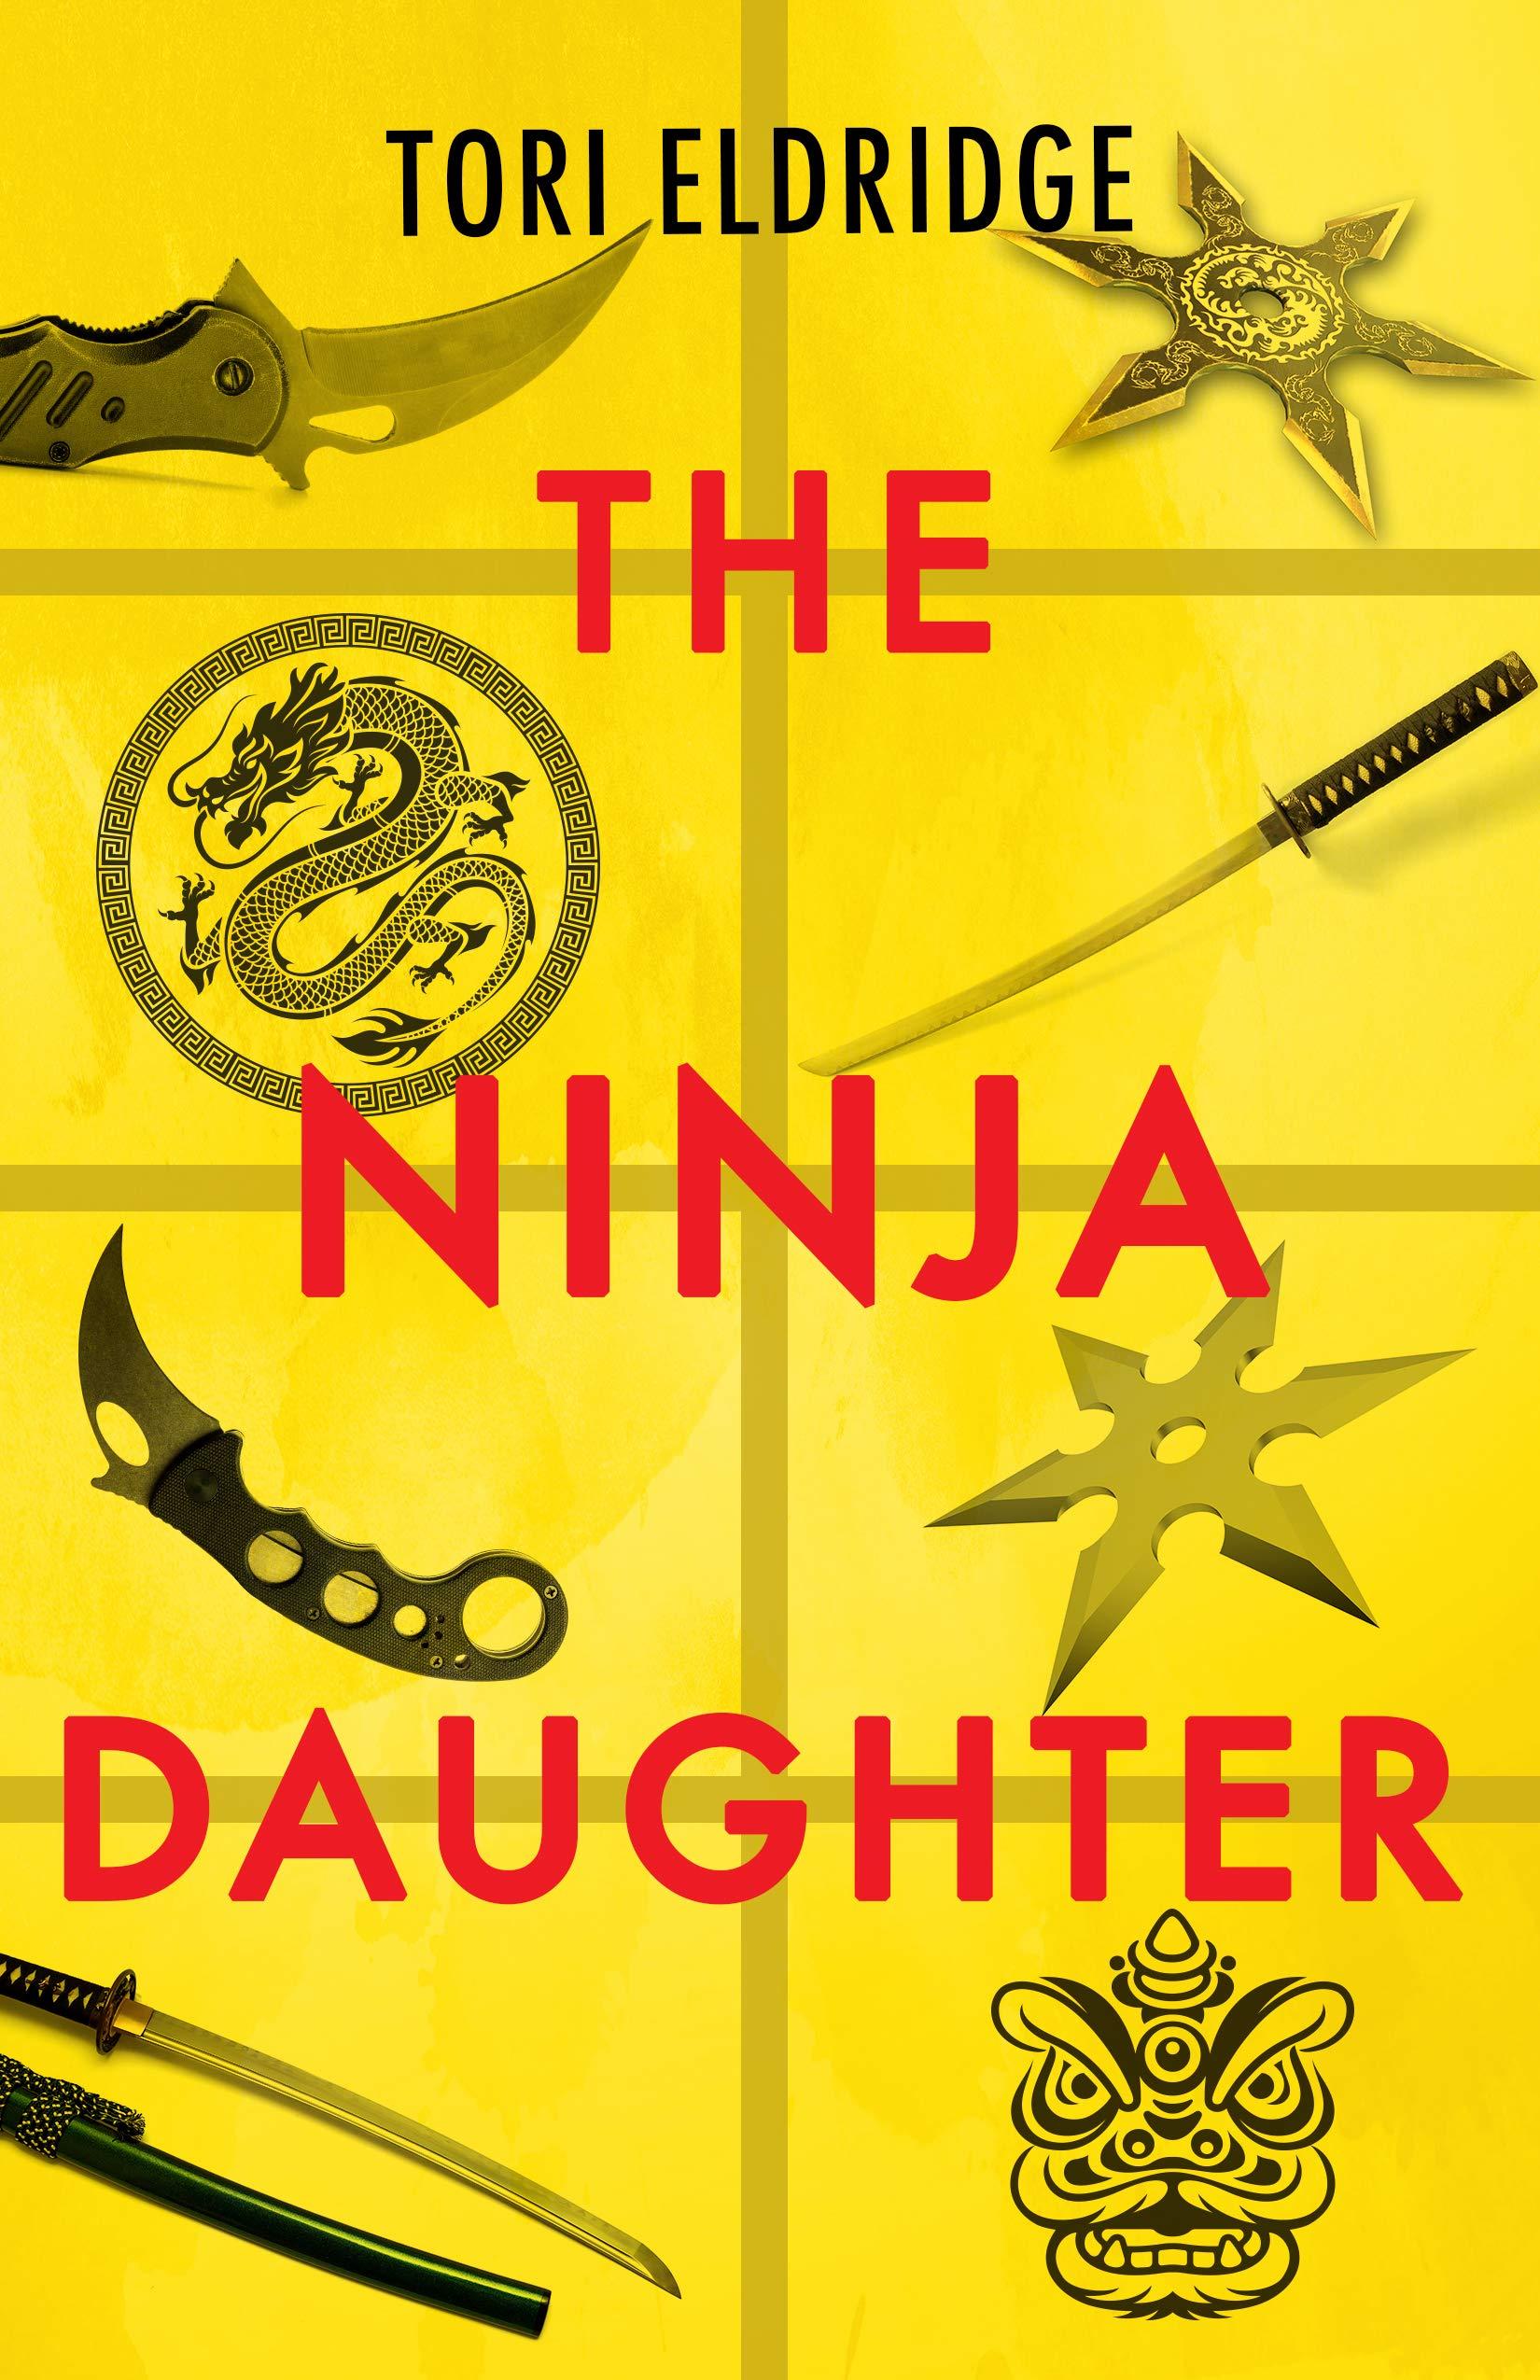 amazon ninja 2.0 é bom